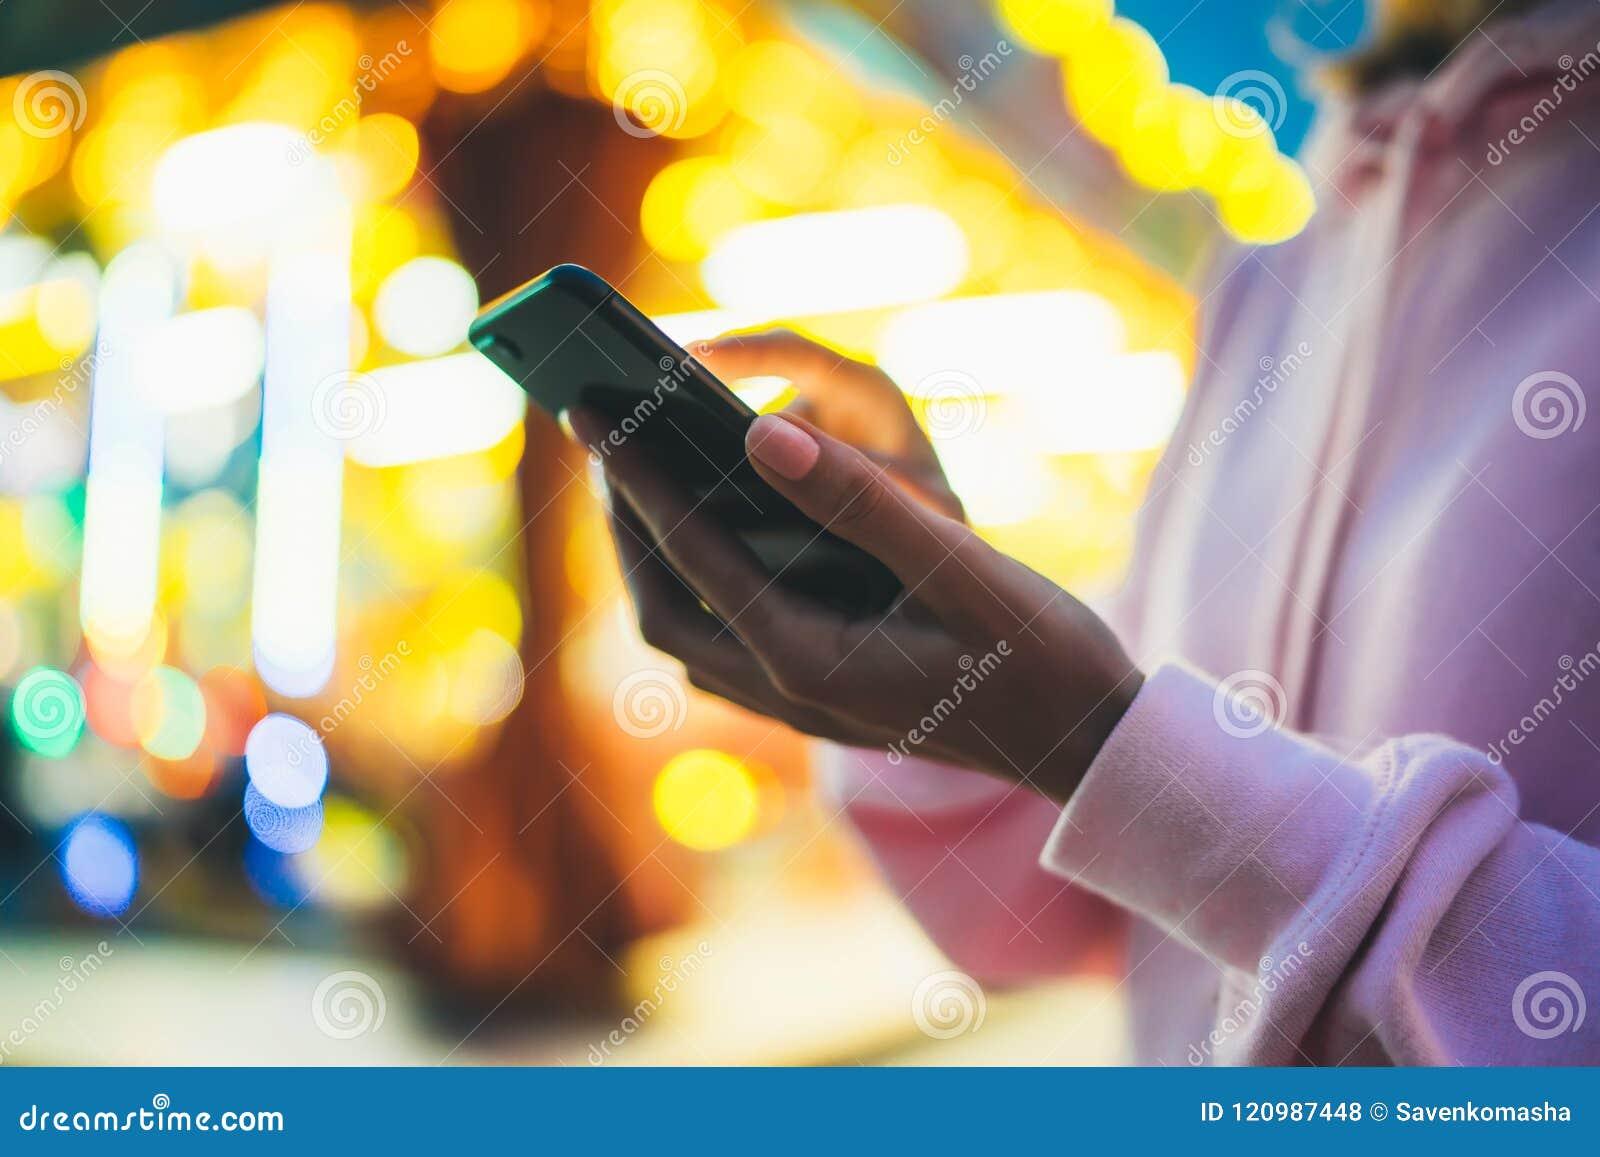 Meisje die vinger op het schermsmartphone richten op achtergrond bokeh licht in verlichting van de nacht de atmosferische stad in